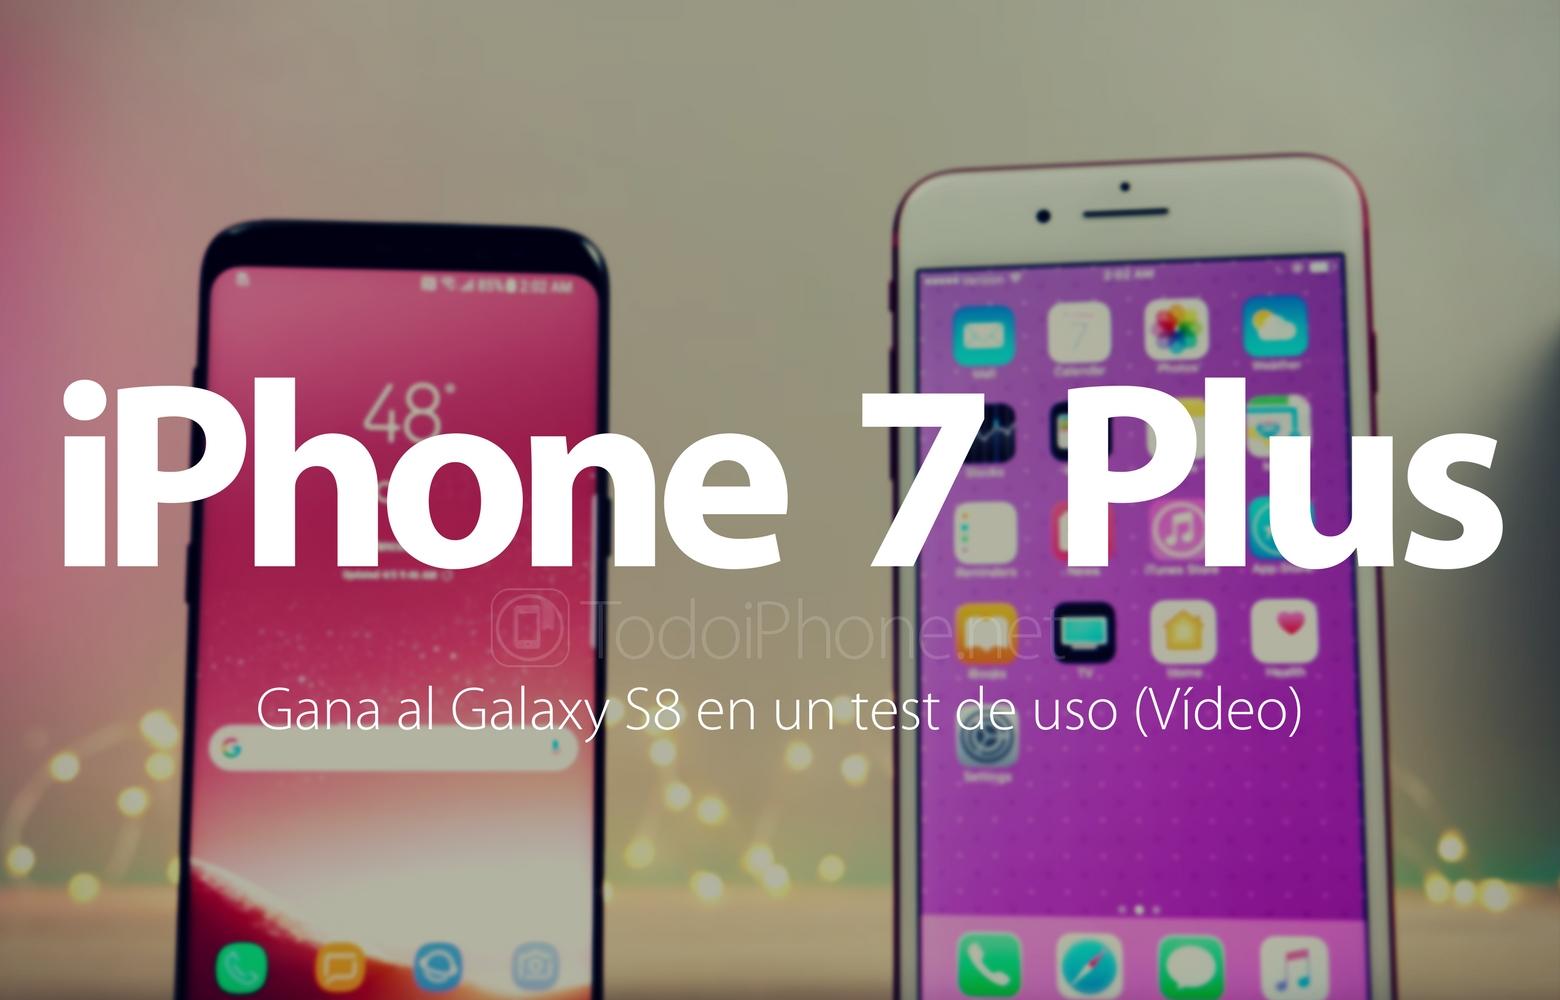 el iphone 7 plus gana al galaxy s8 en un test de uso real v deo movilescelular. Black Bedroom Furniture Sets. Home Design Ideas